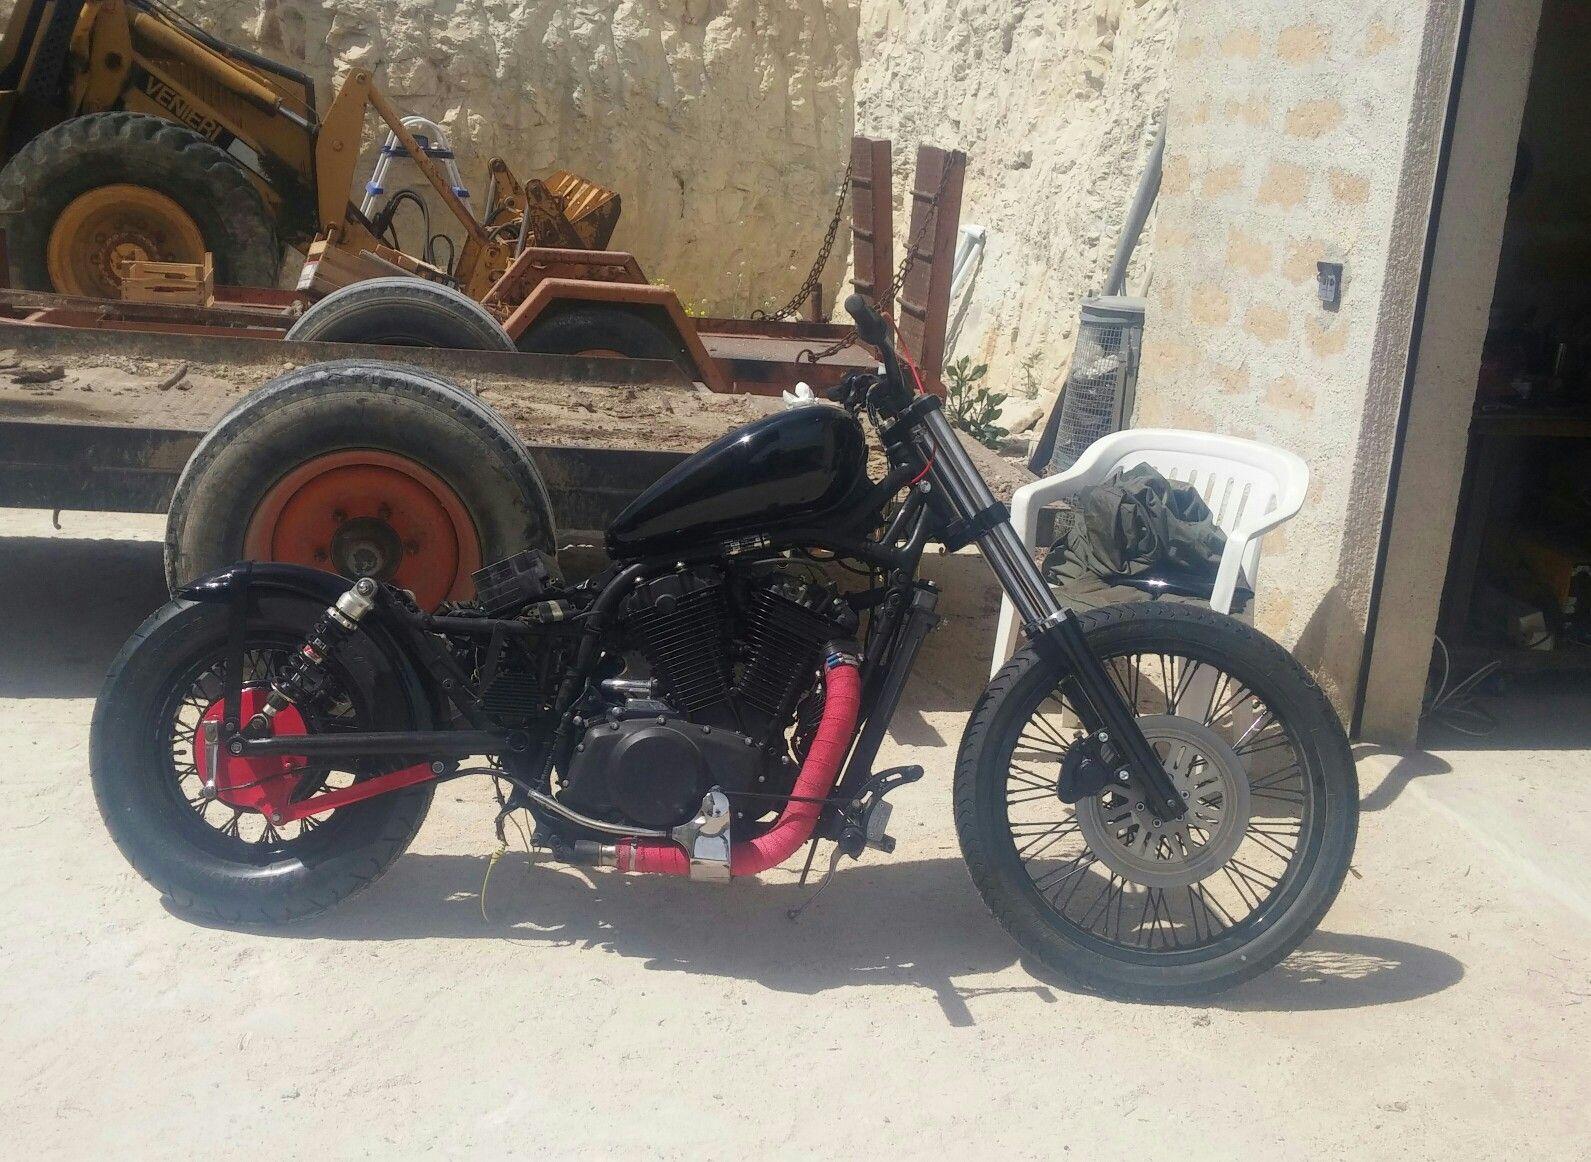 My Bobber Vs 800 :) C71760b68e33575a9c9ff1e10796109a